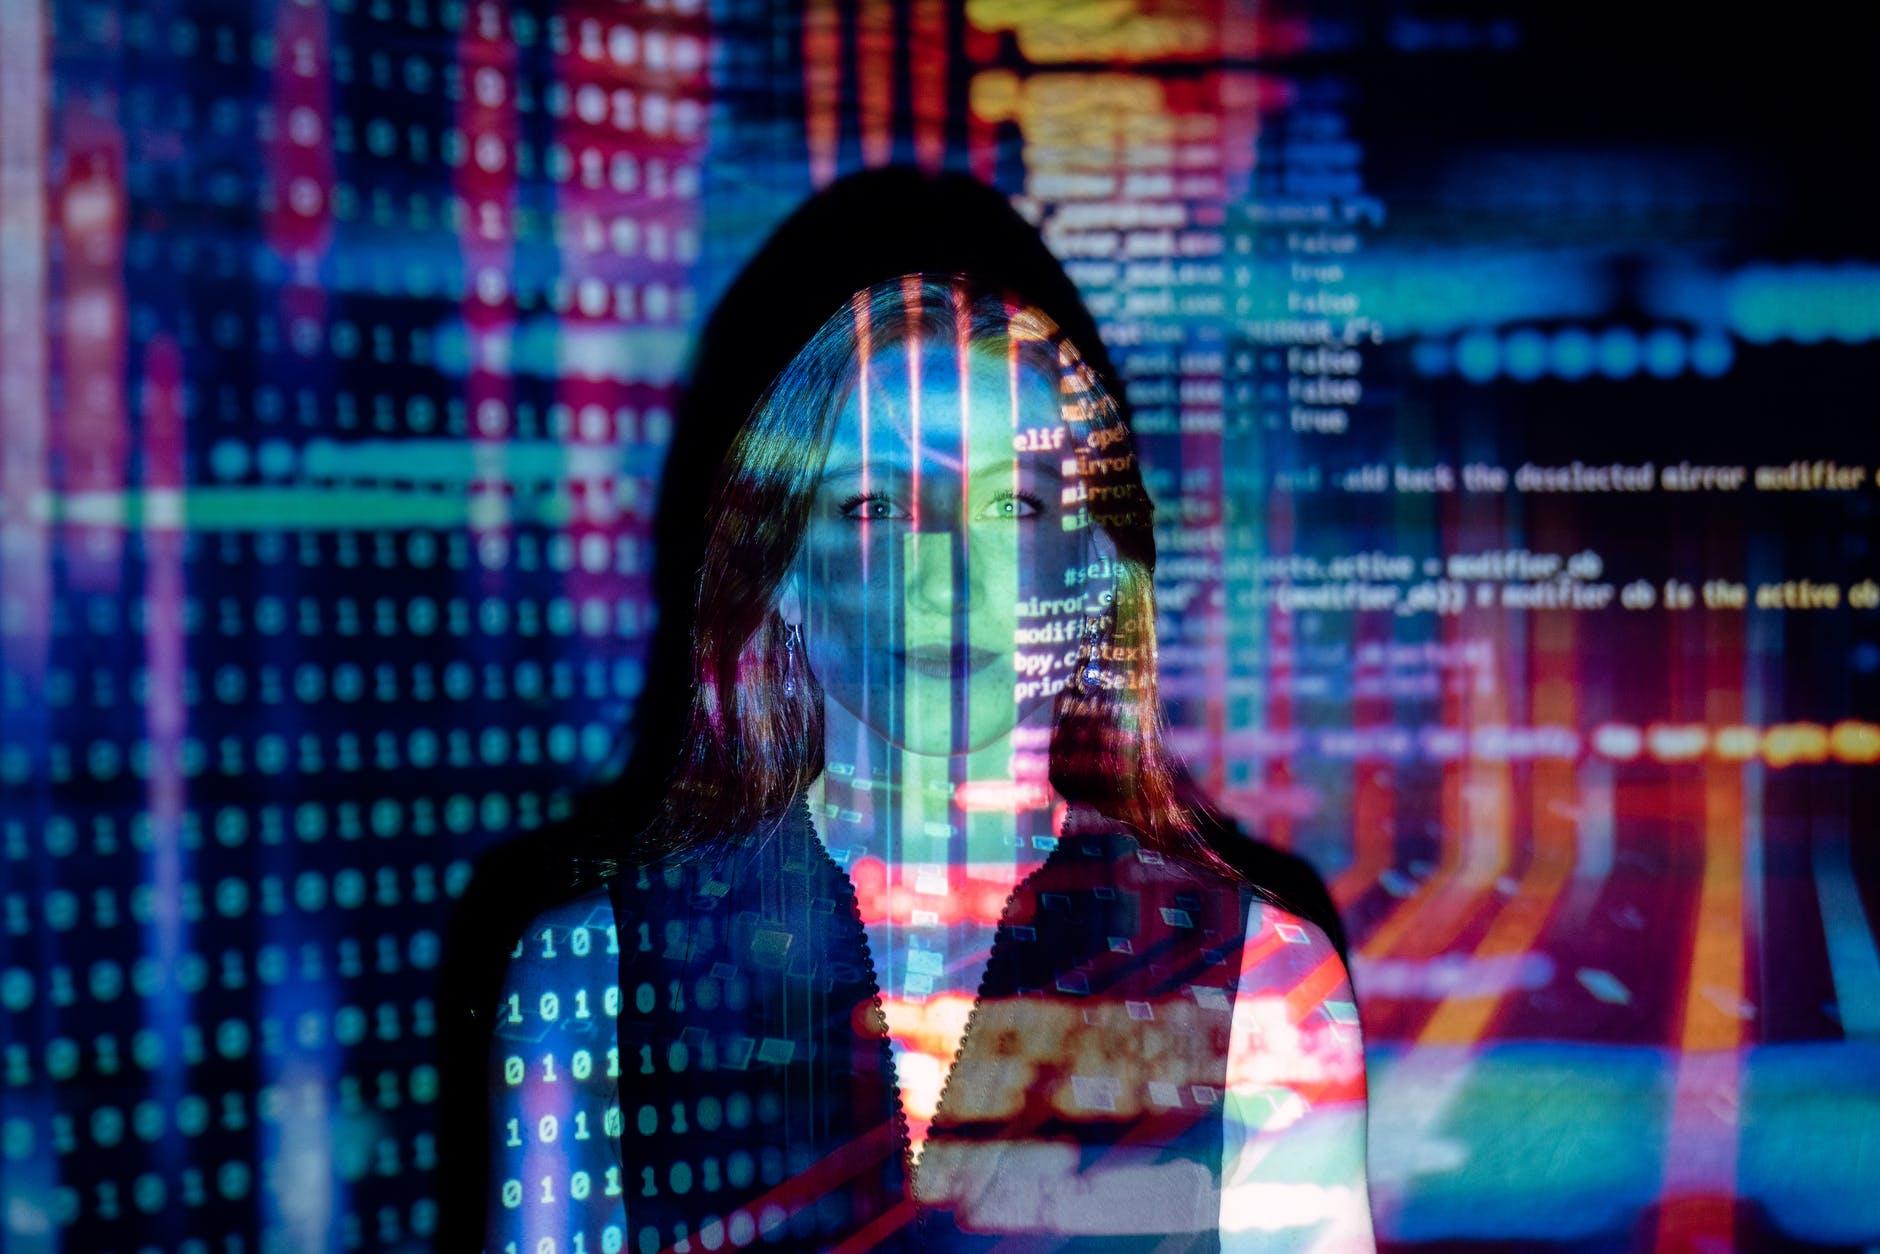 Universo Tecnológico Cap 10: Cómo actuar frente a una amenaza virtual y prevenir ataques en la web